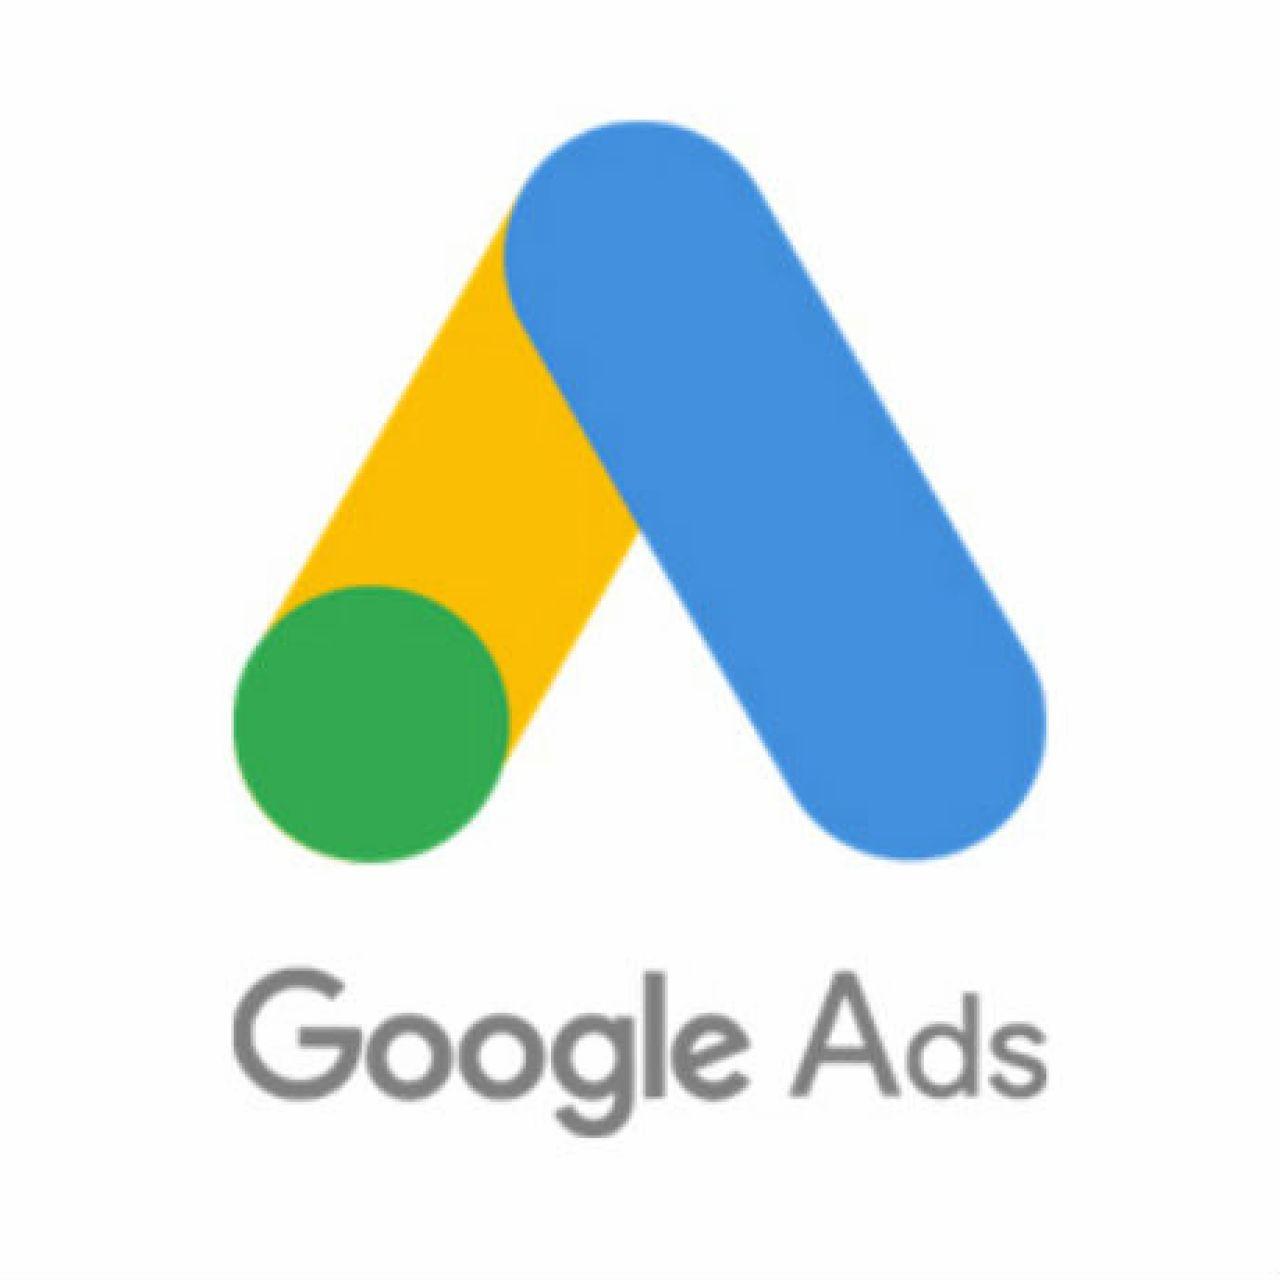 Настройка рекламной компании Google Adwords из категории Реклама для CMS OpenCart (ОпенКарт)